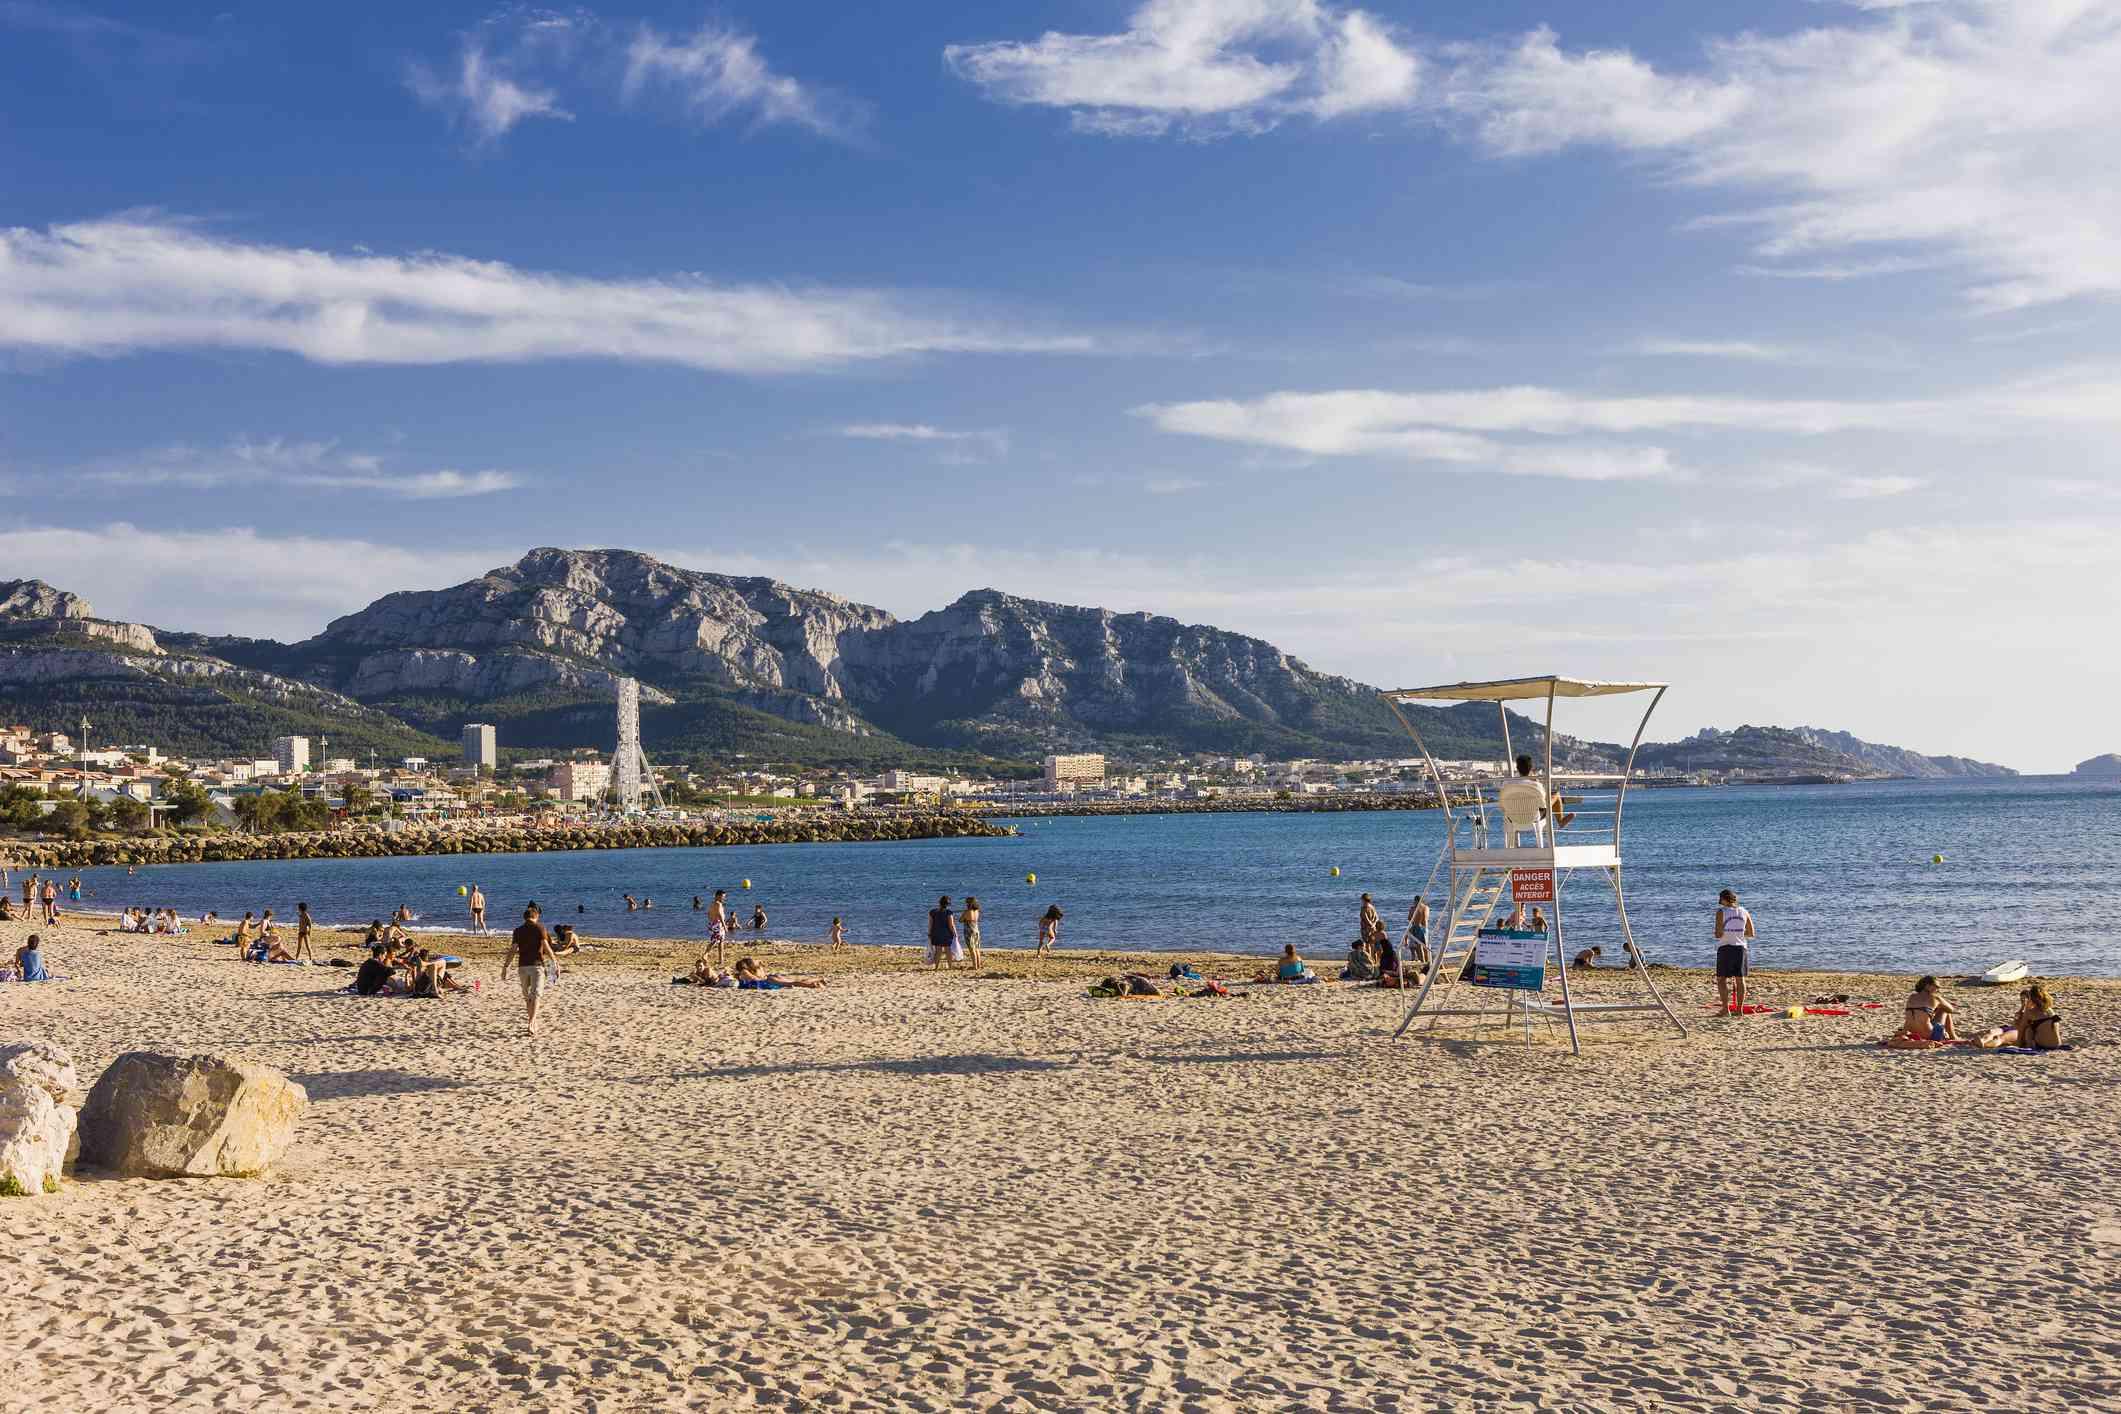 Prado Beach, Marseille, France